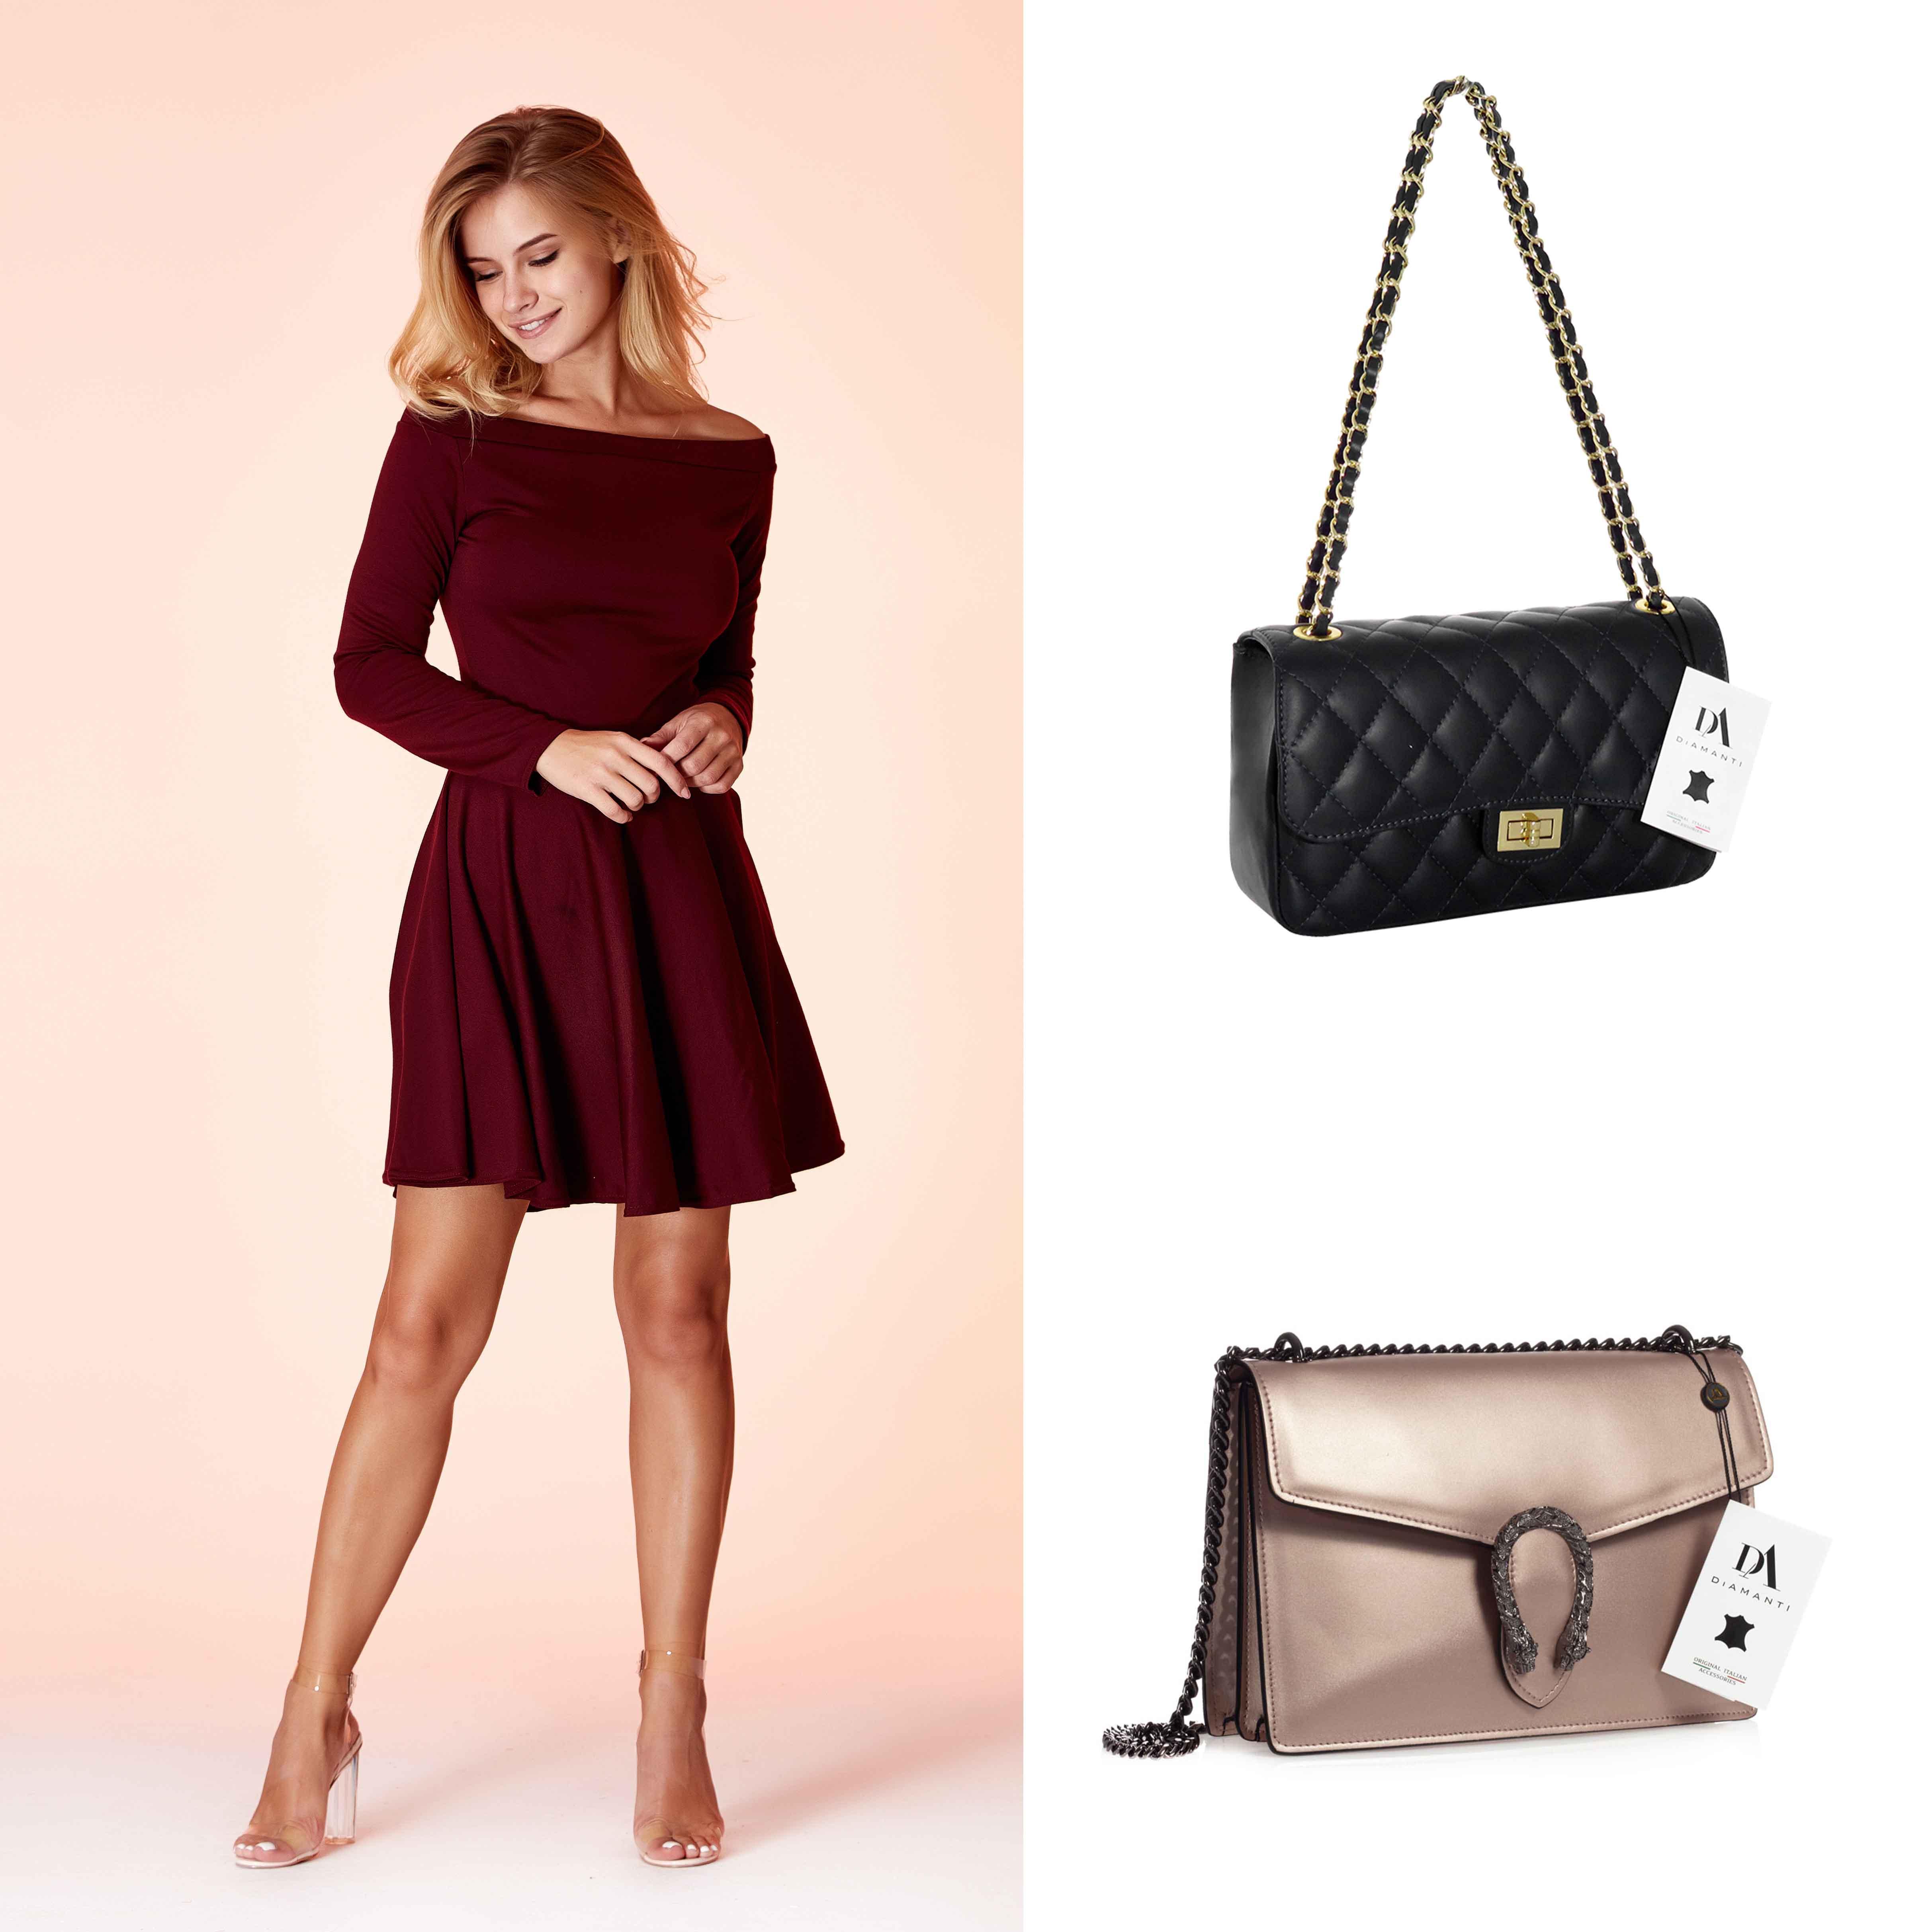 model cu rochie bordo scurta, geanta Bra si geanta Editta